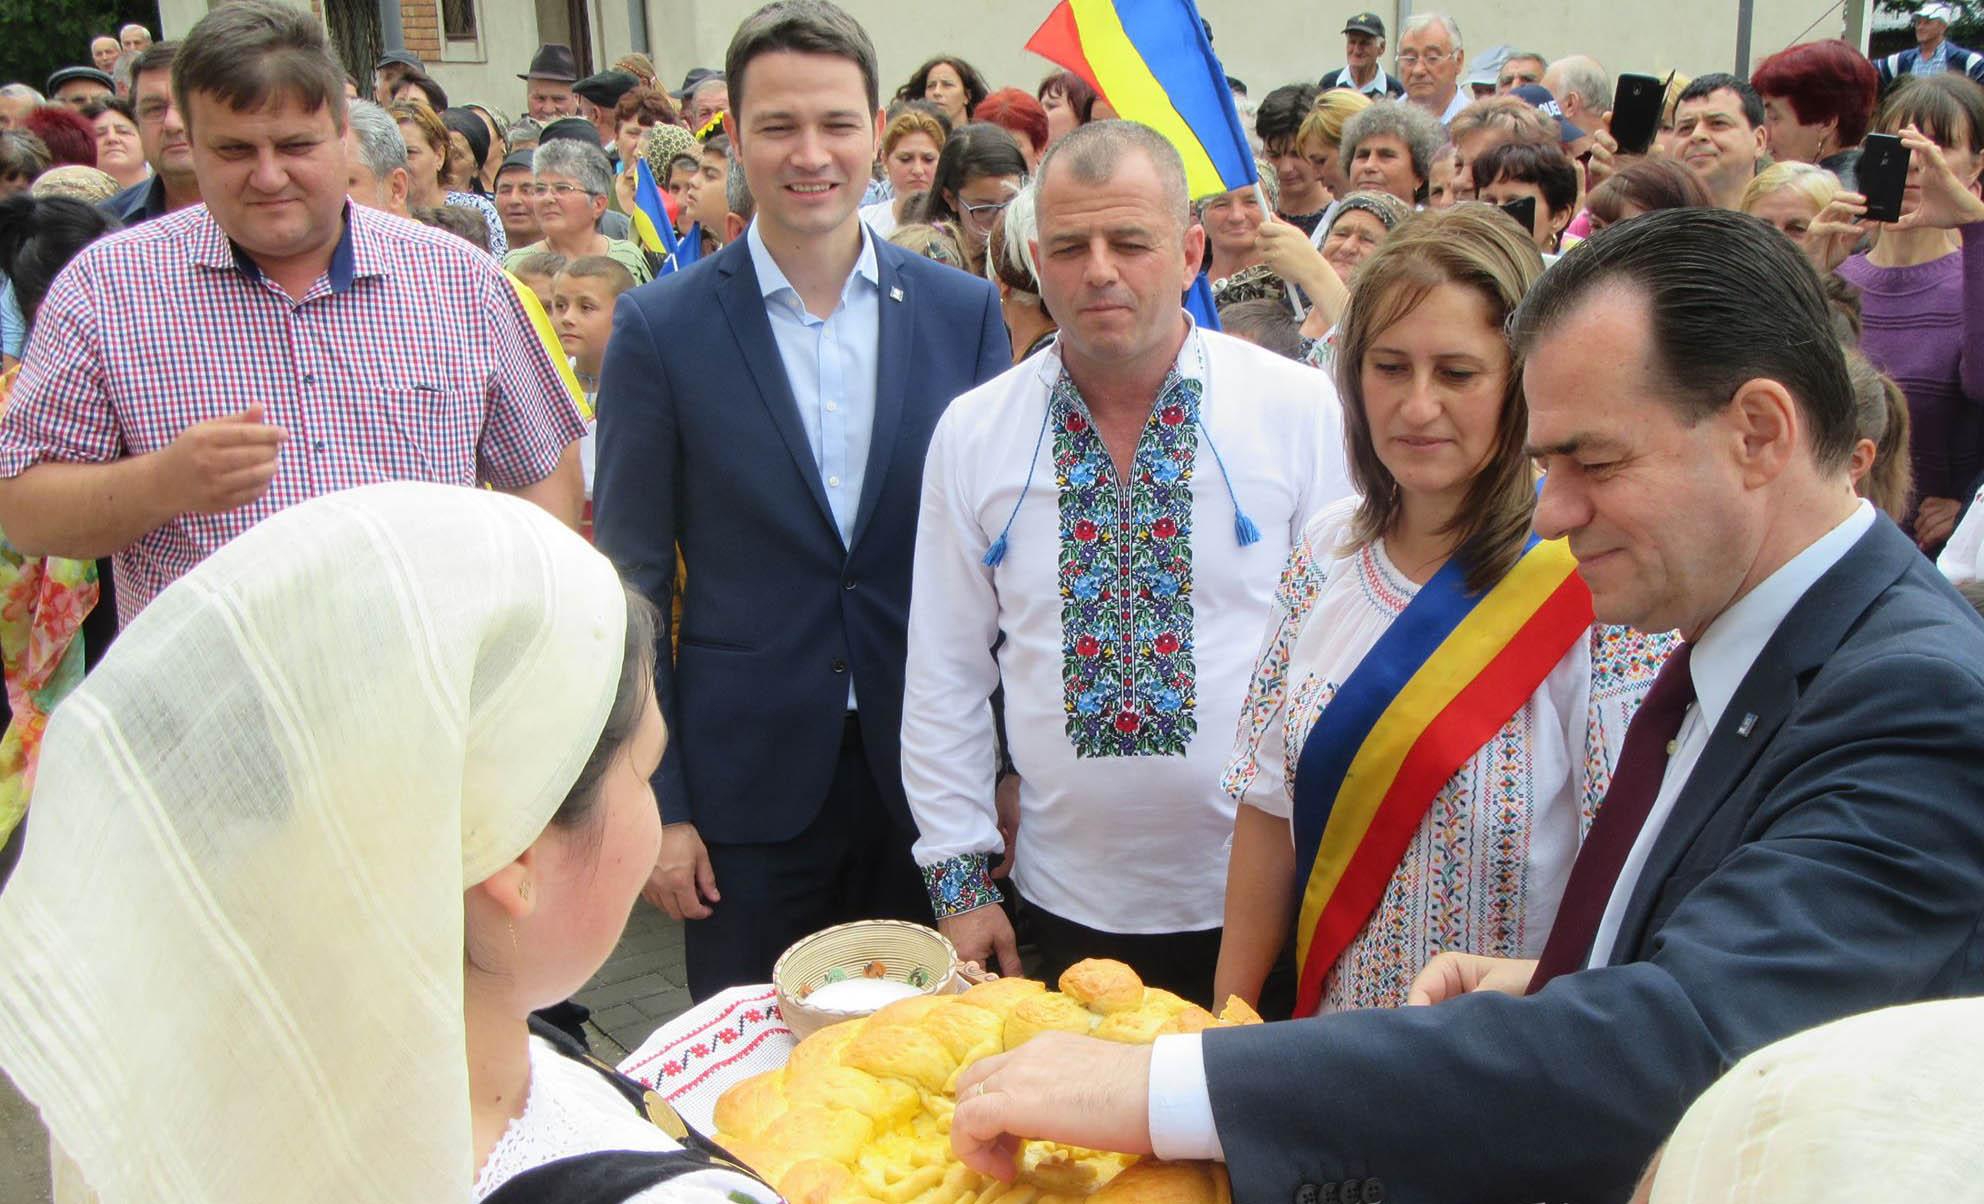 Spectacol de zile mari, la Suhaia, cu ocazia inaugurării Căminului Cultural. Ludovic Orban, întâmpinat cu pâine şi sare